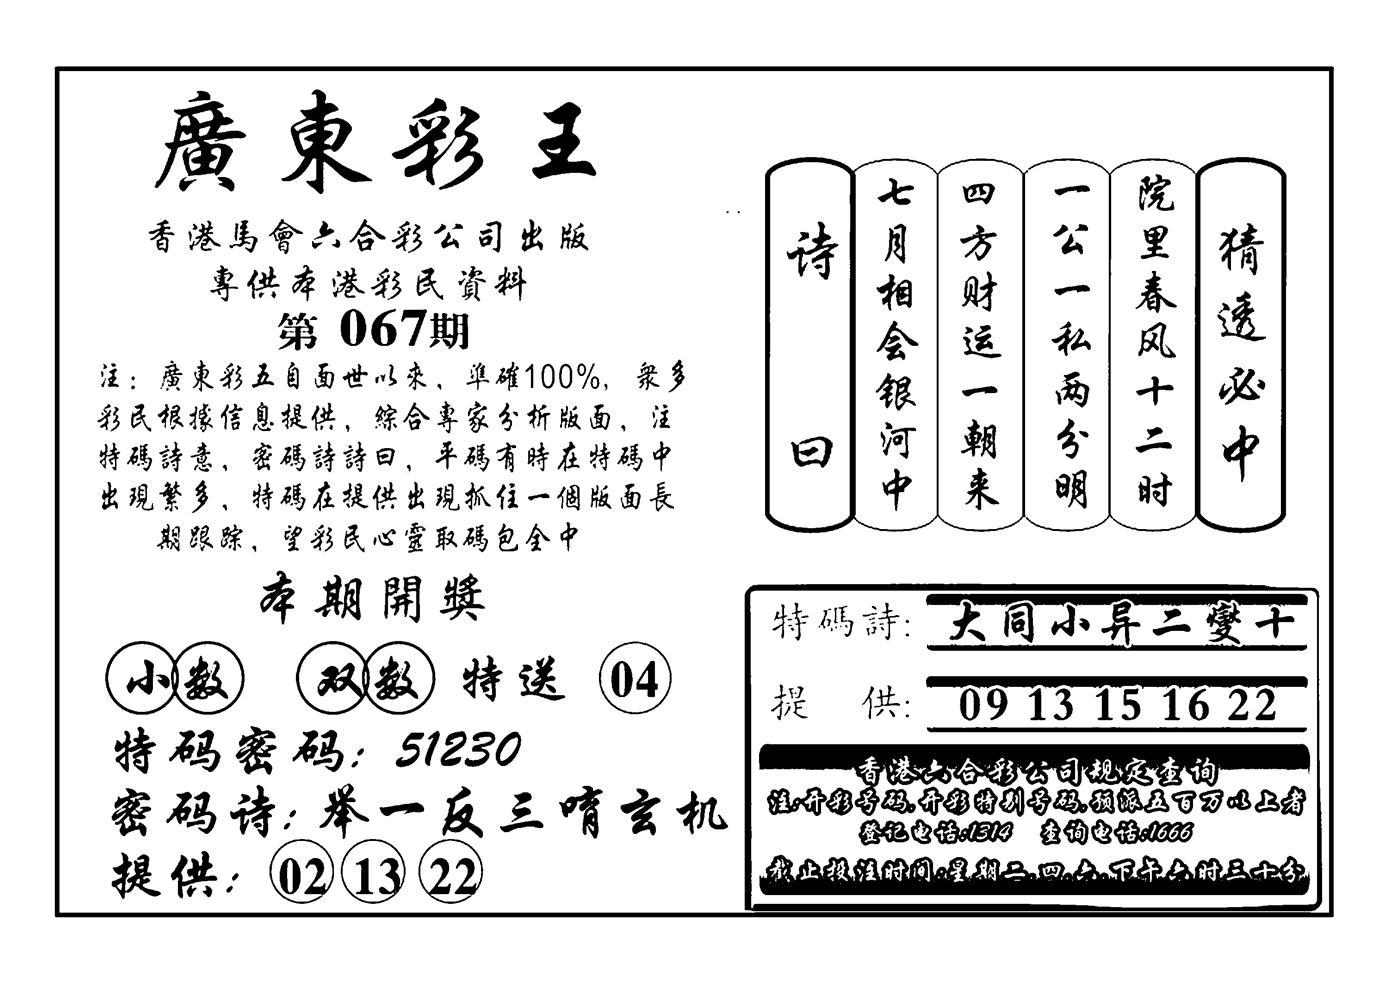 067期广东彩王(黑白)